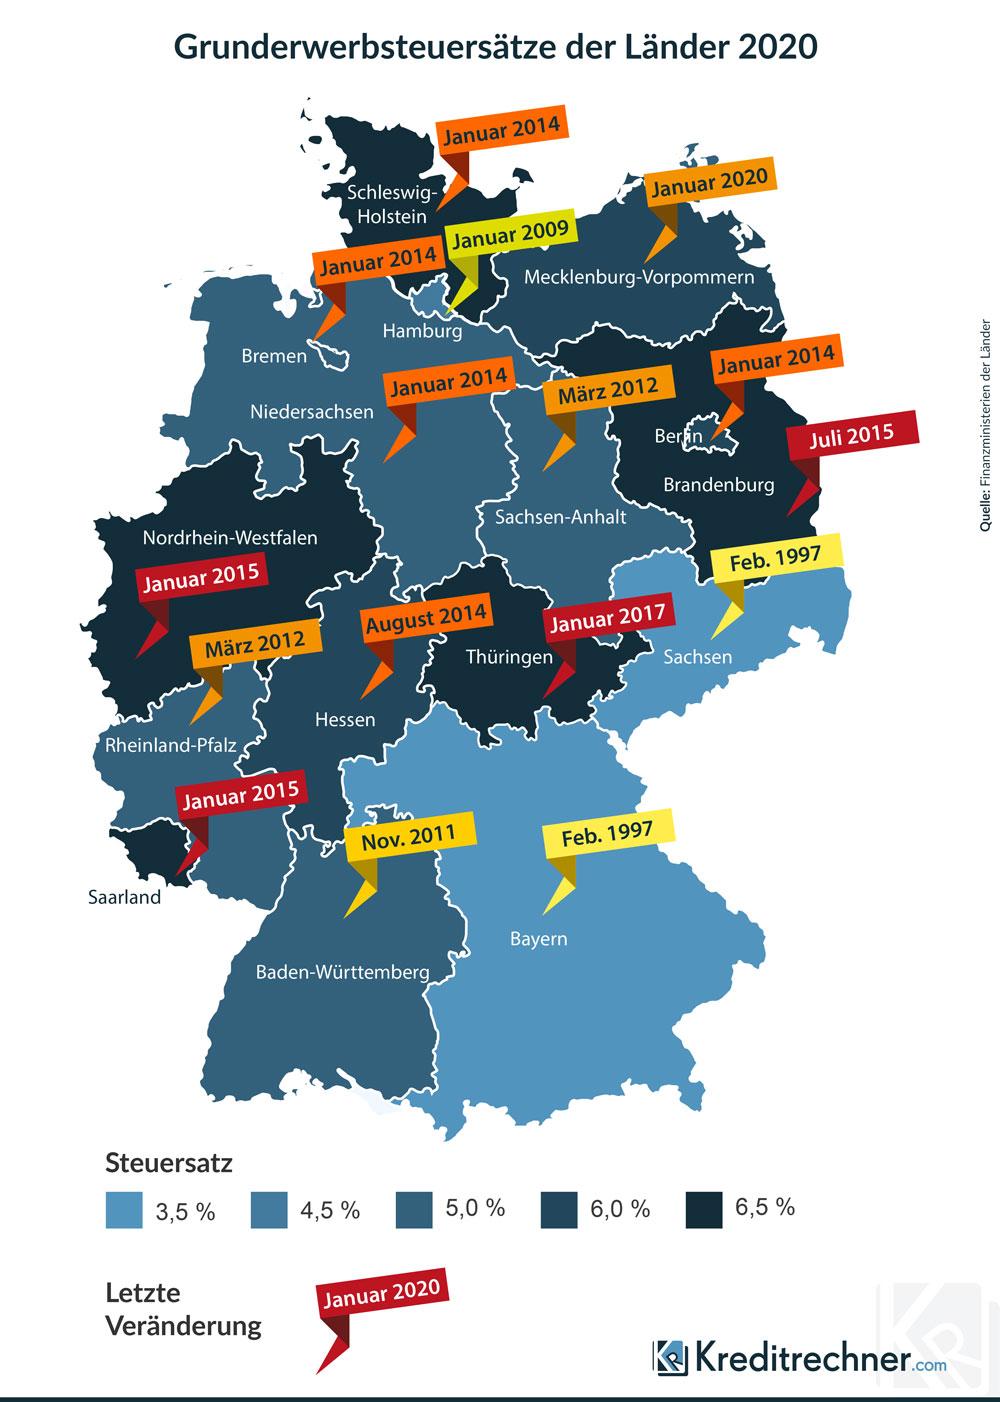 Grunderwerbsteuersätze der Bundesländer in Deutschland 2020